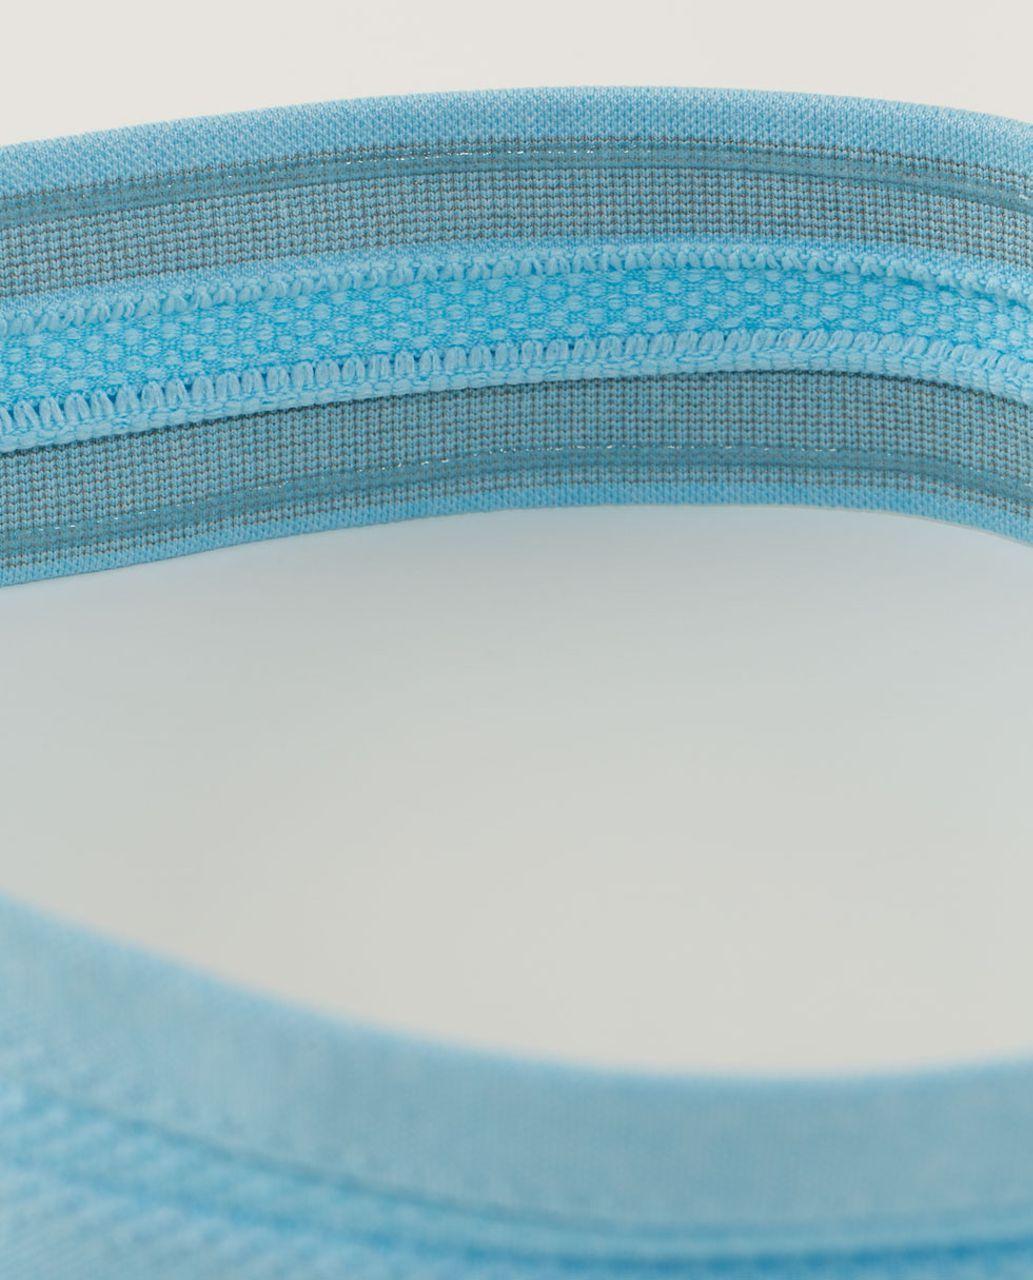 Lululemon Swiftly Headband - Heathered Blue Moon